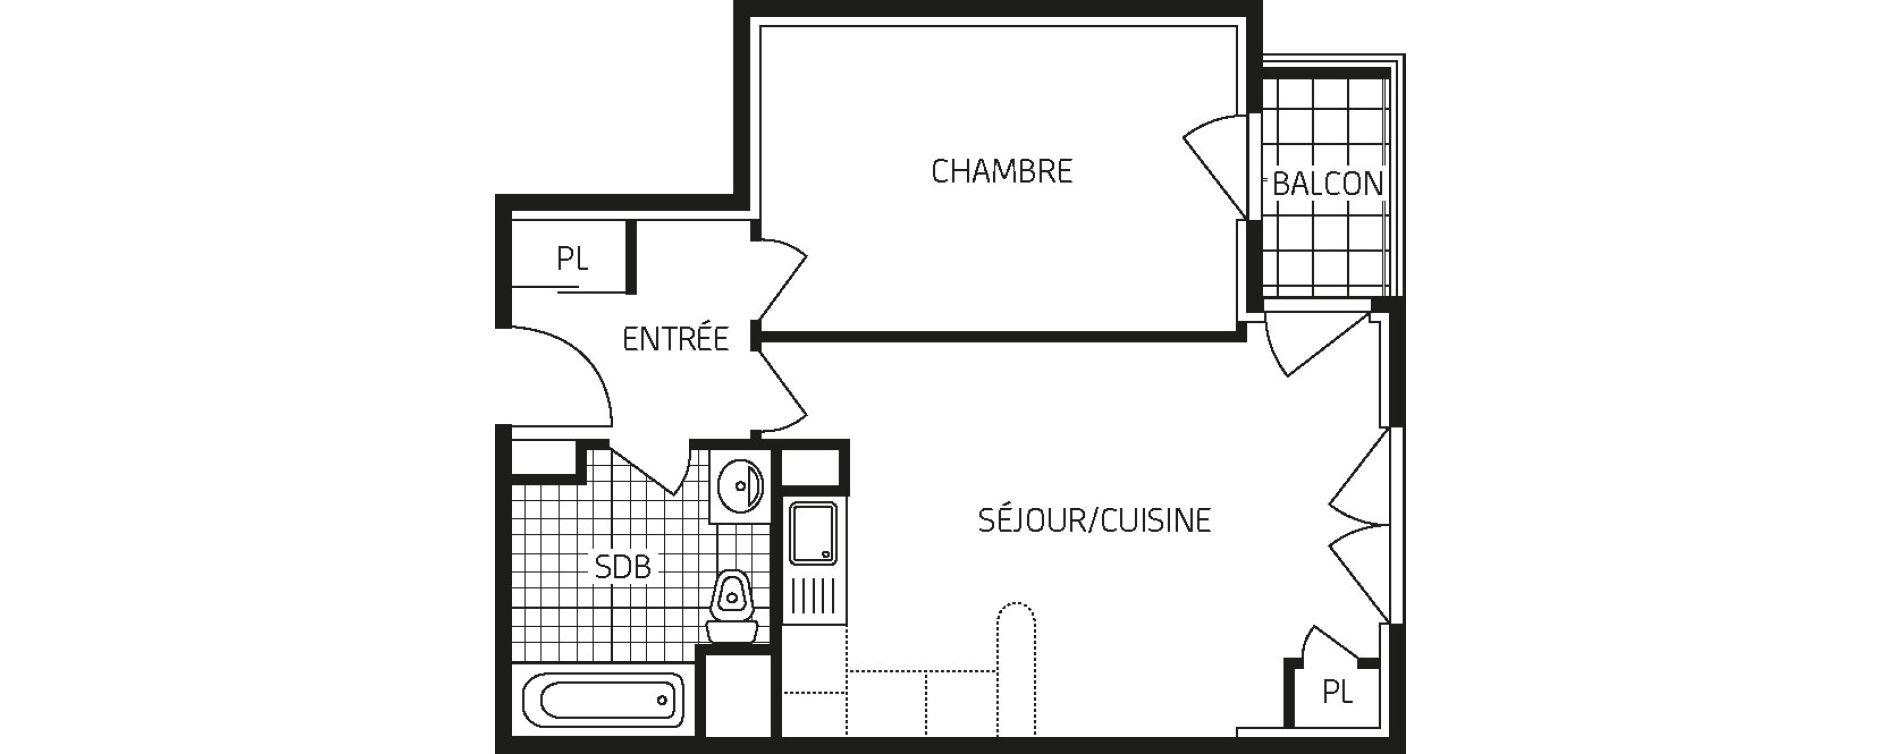 Appartement T2 de 43,42 m2 à Orléans Barrière st-marc - la fontaine